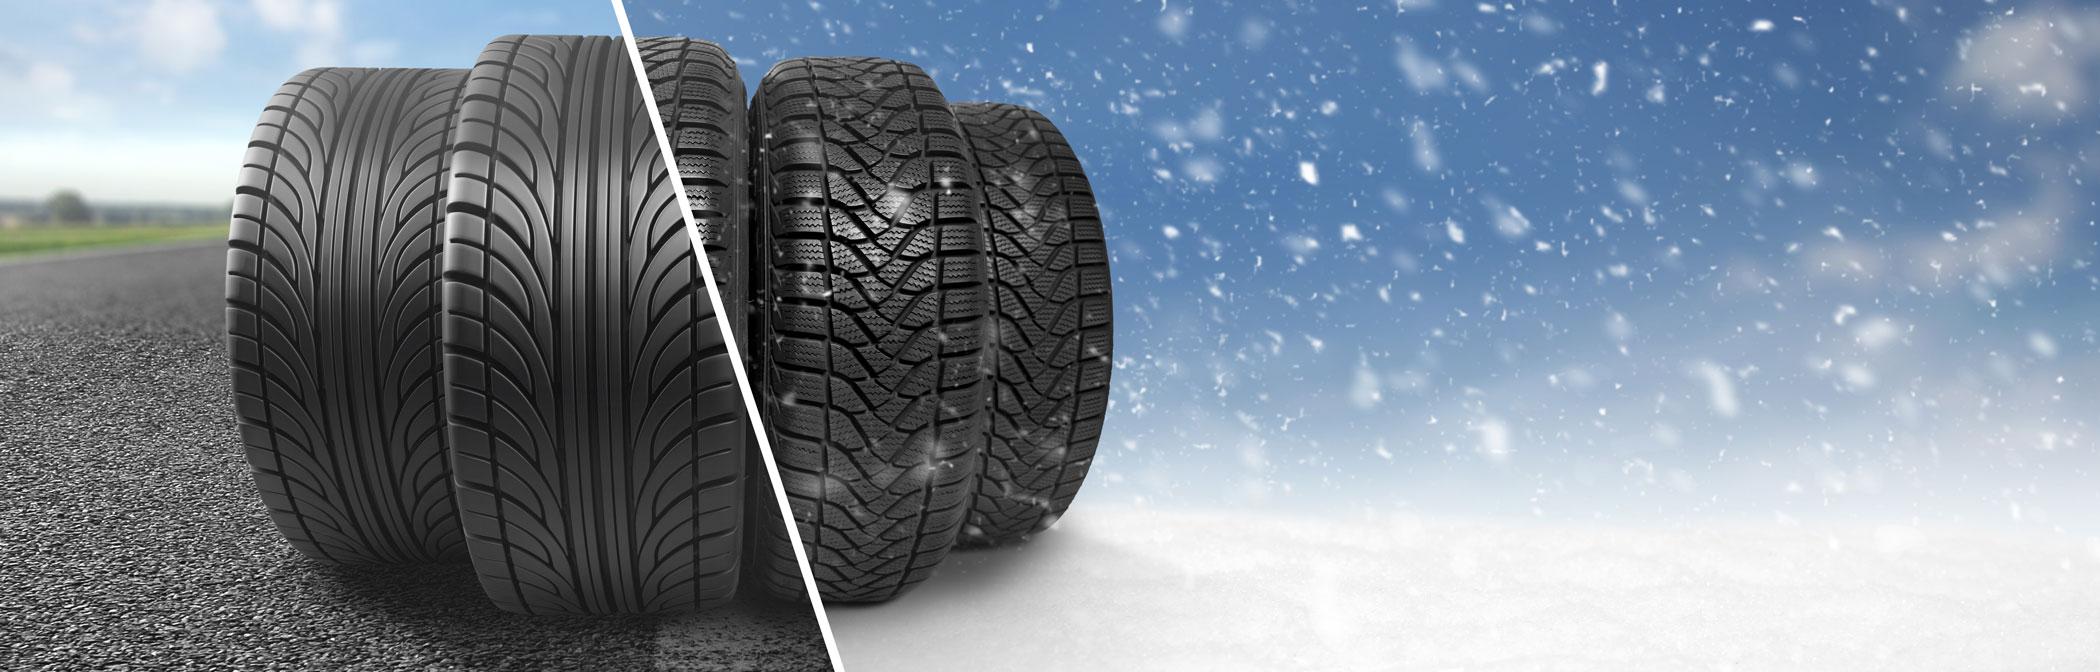 Ganzjahresreifen, Allwetterreifen bei Reifenvertrieb24 kaufen